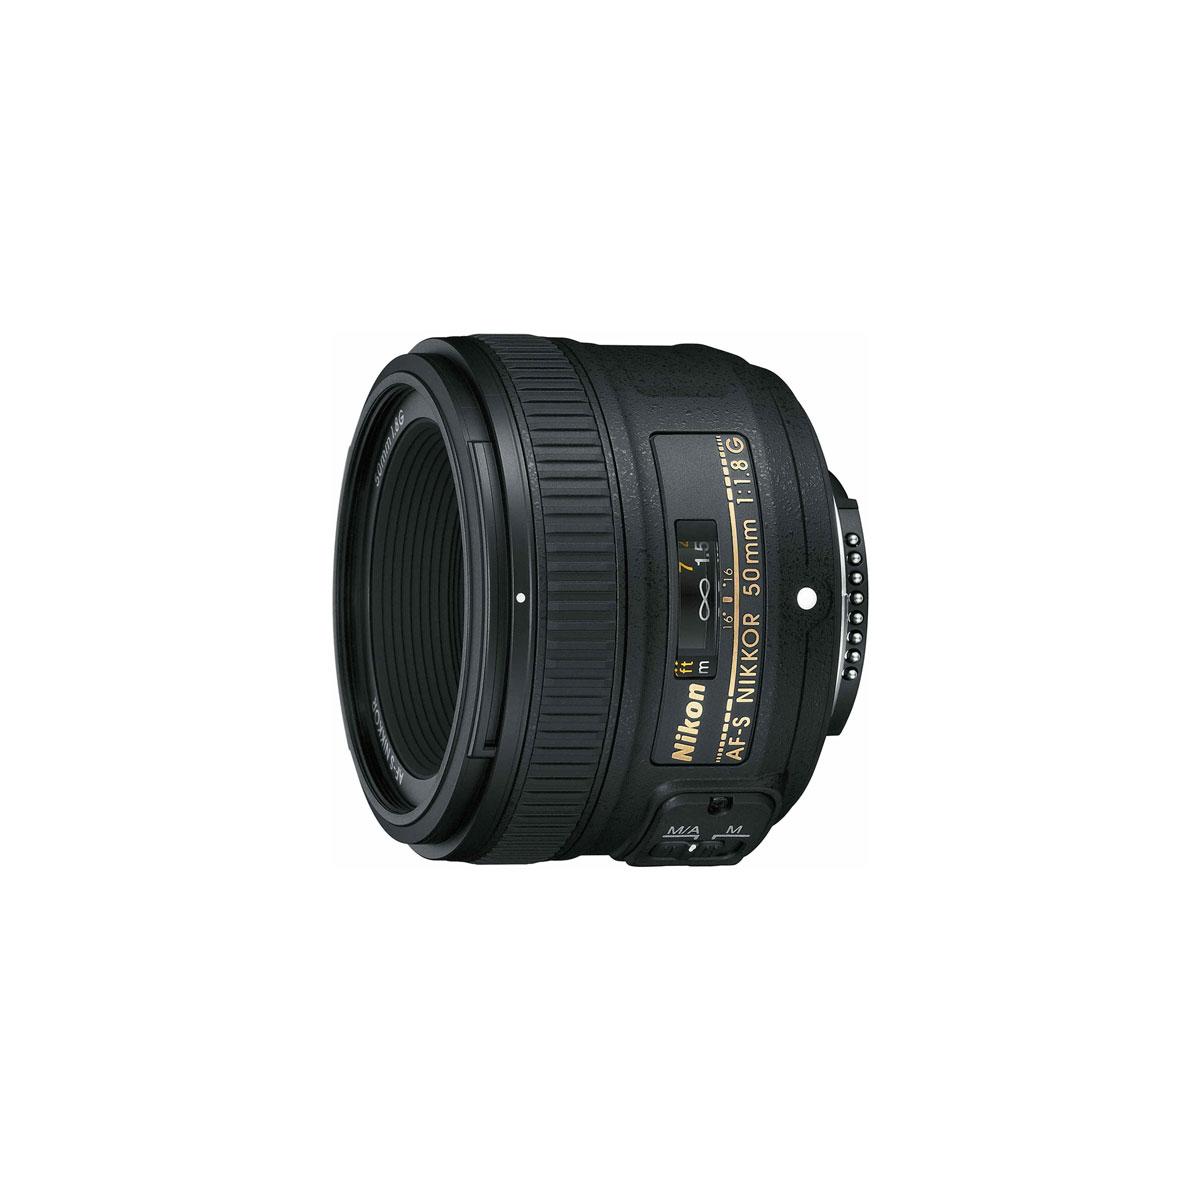 Nikon Af S Nikkor 50mm F1 8g The Camera Exchange Inc